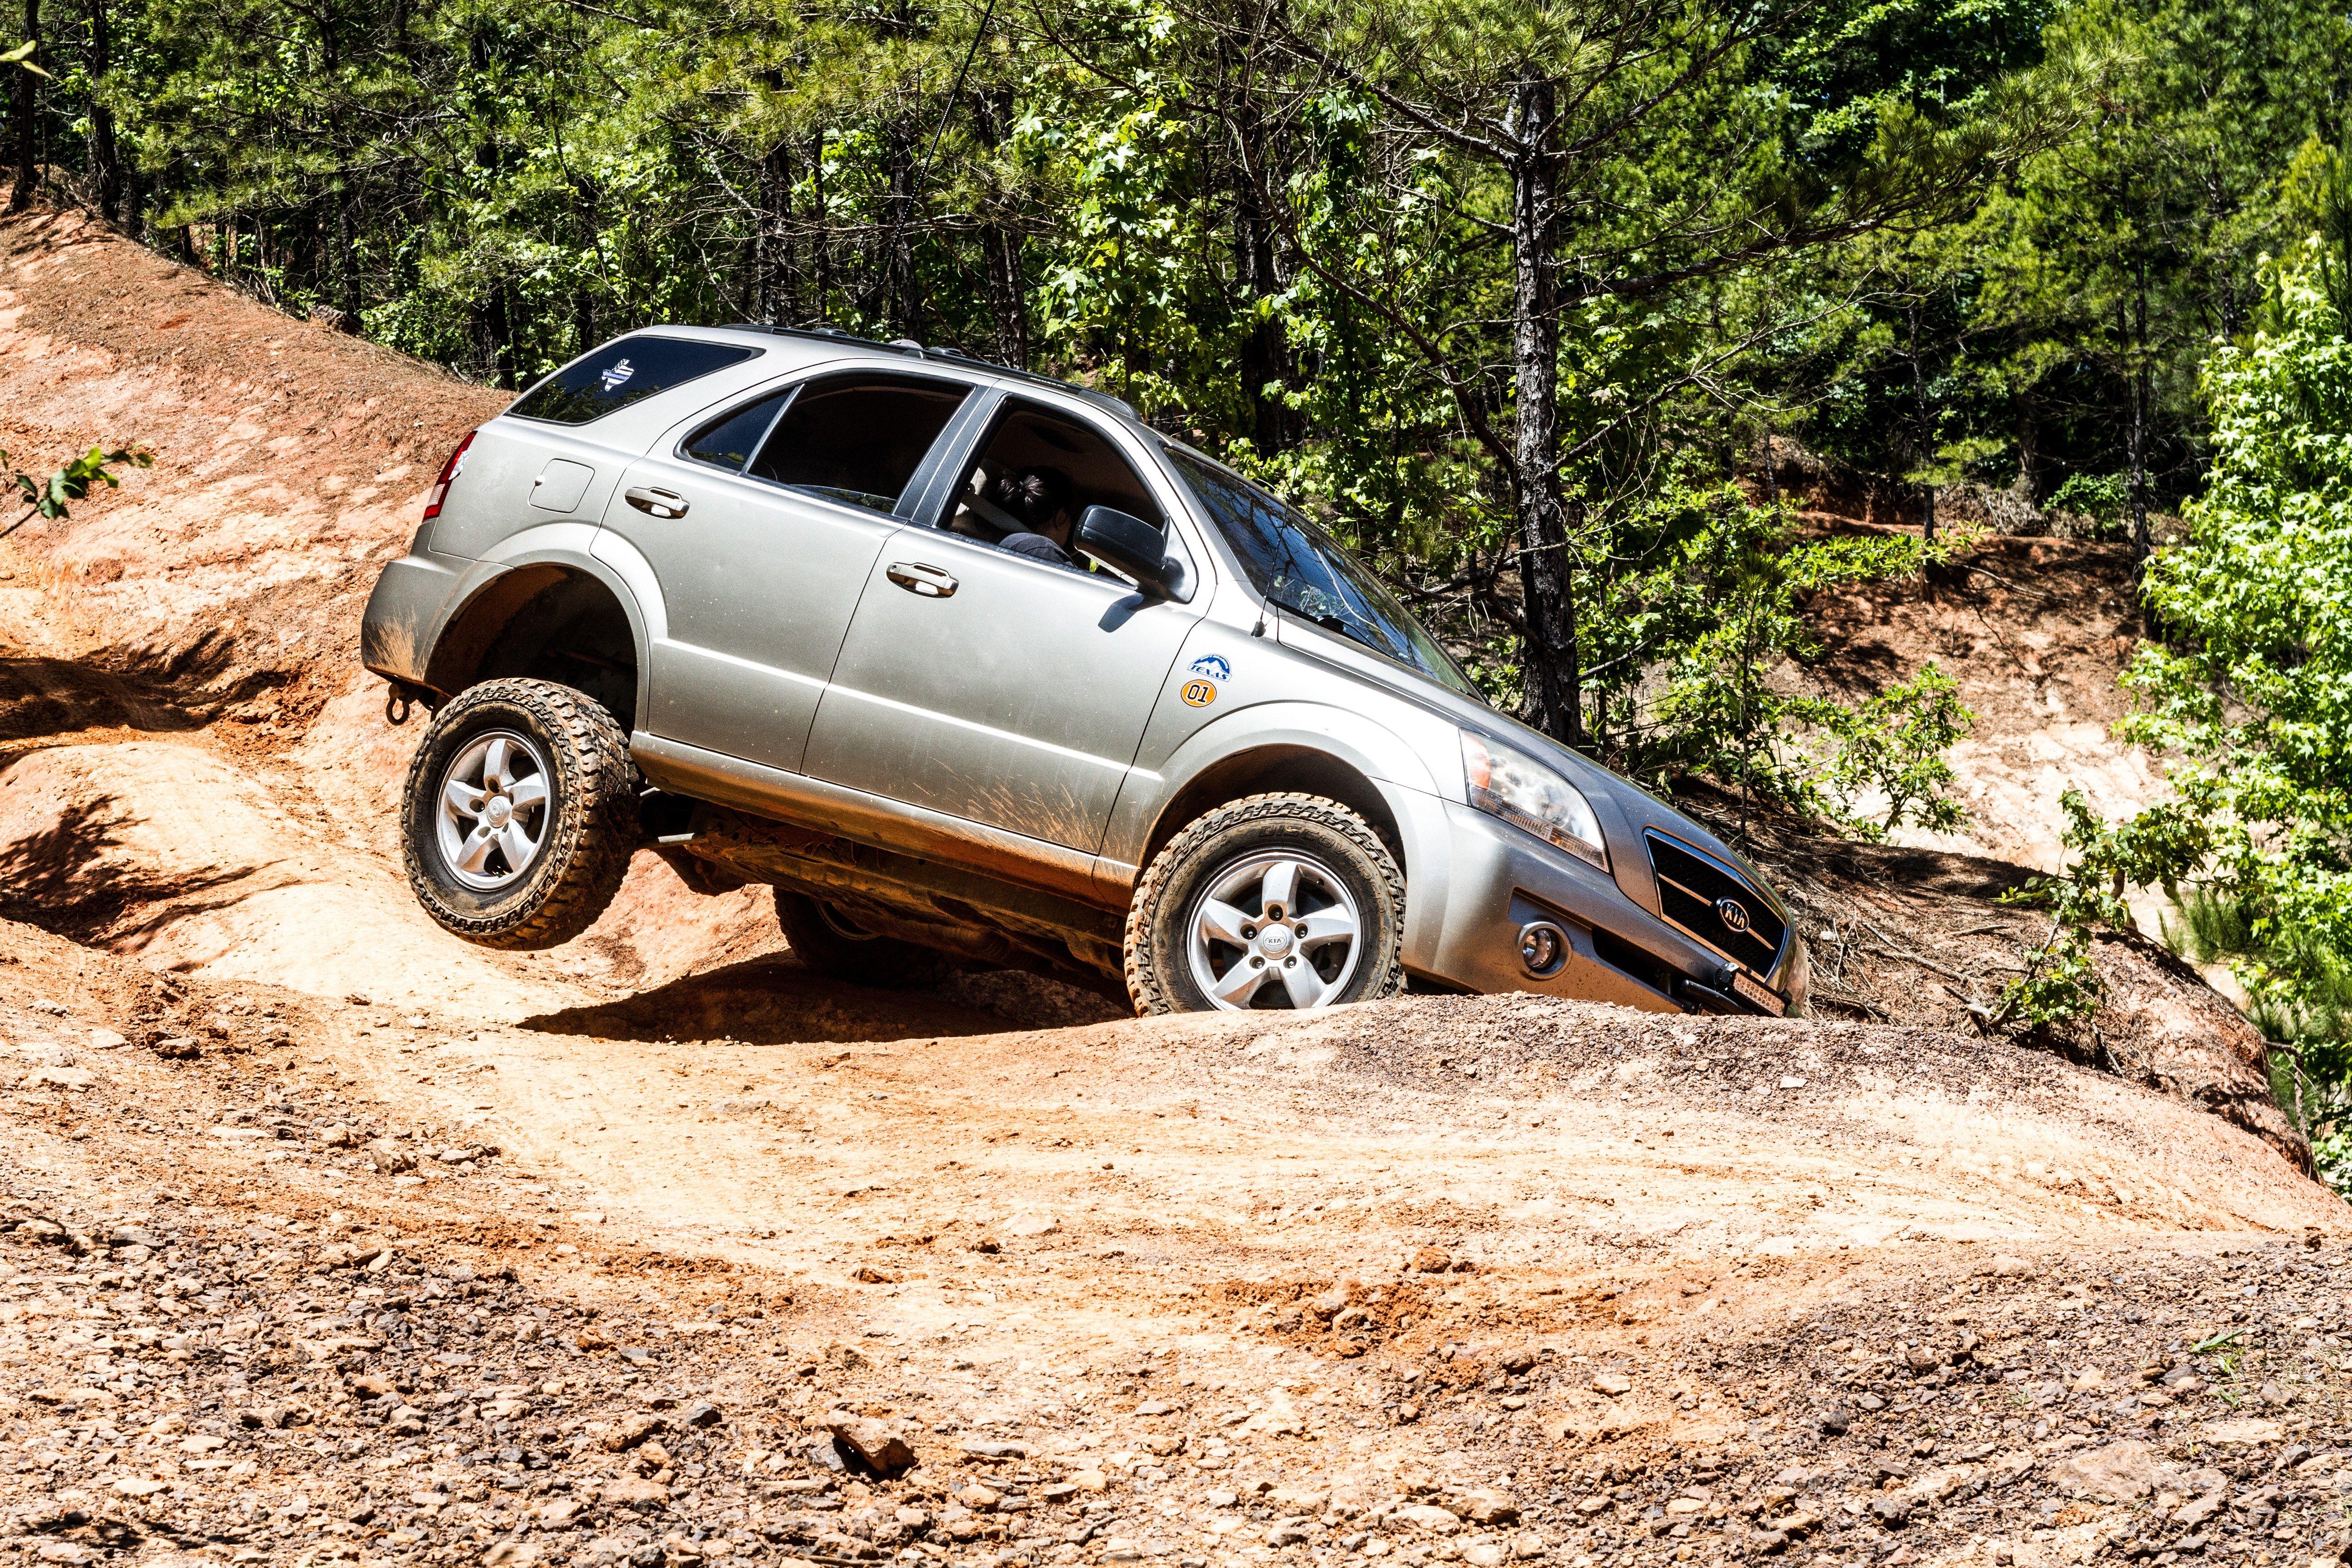 Joe Price S Lifted 2006 Kia Sorento 4x4 With Images Kia Kia